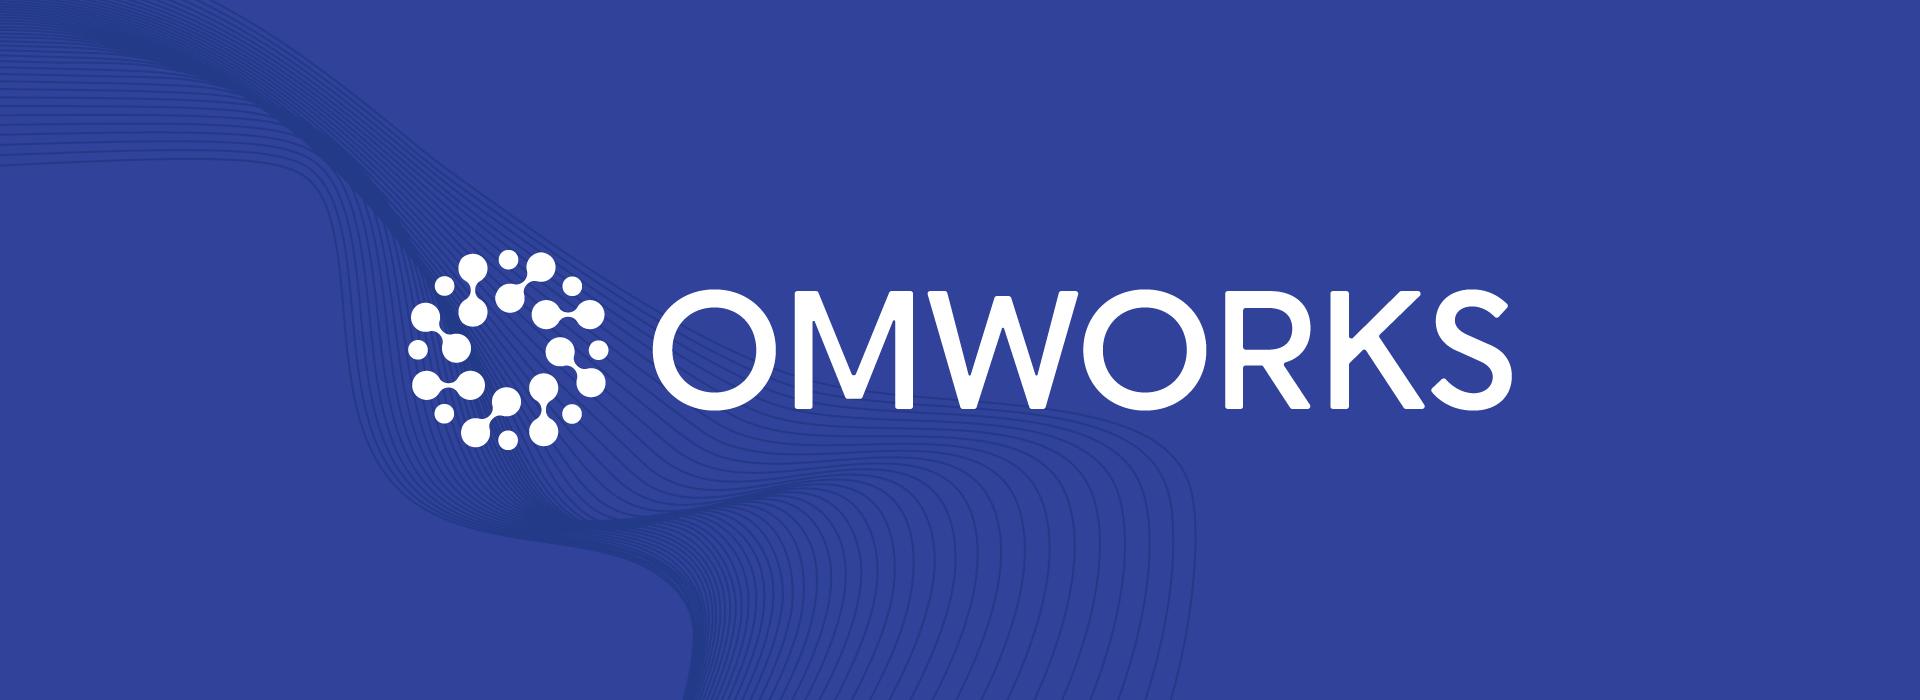 OMWorks-Logomark01